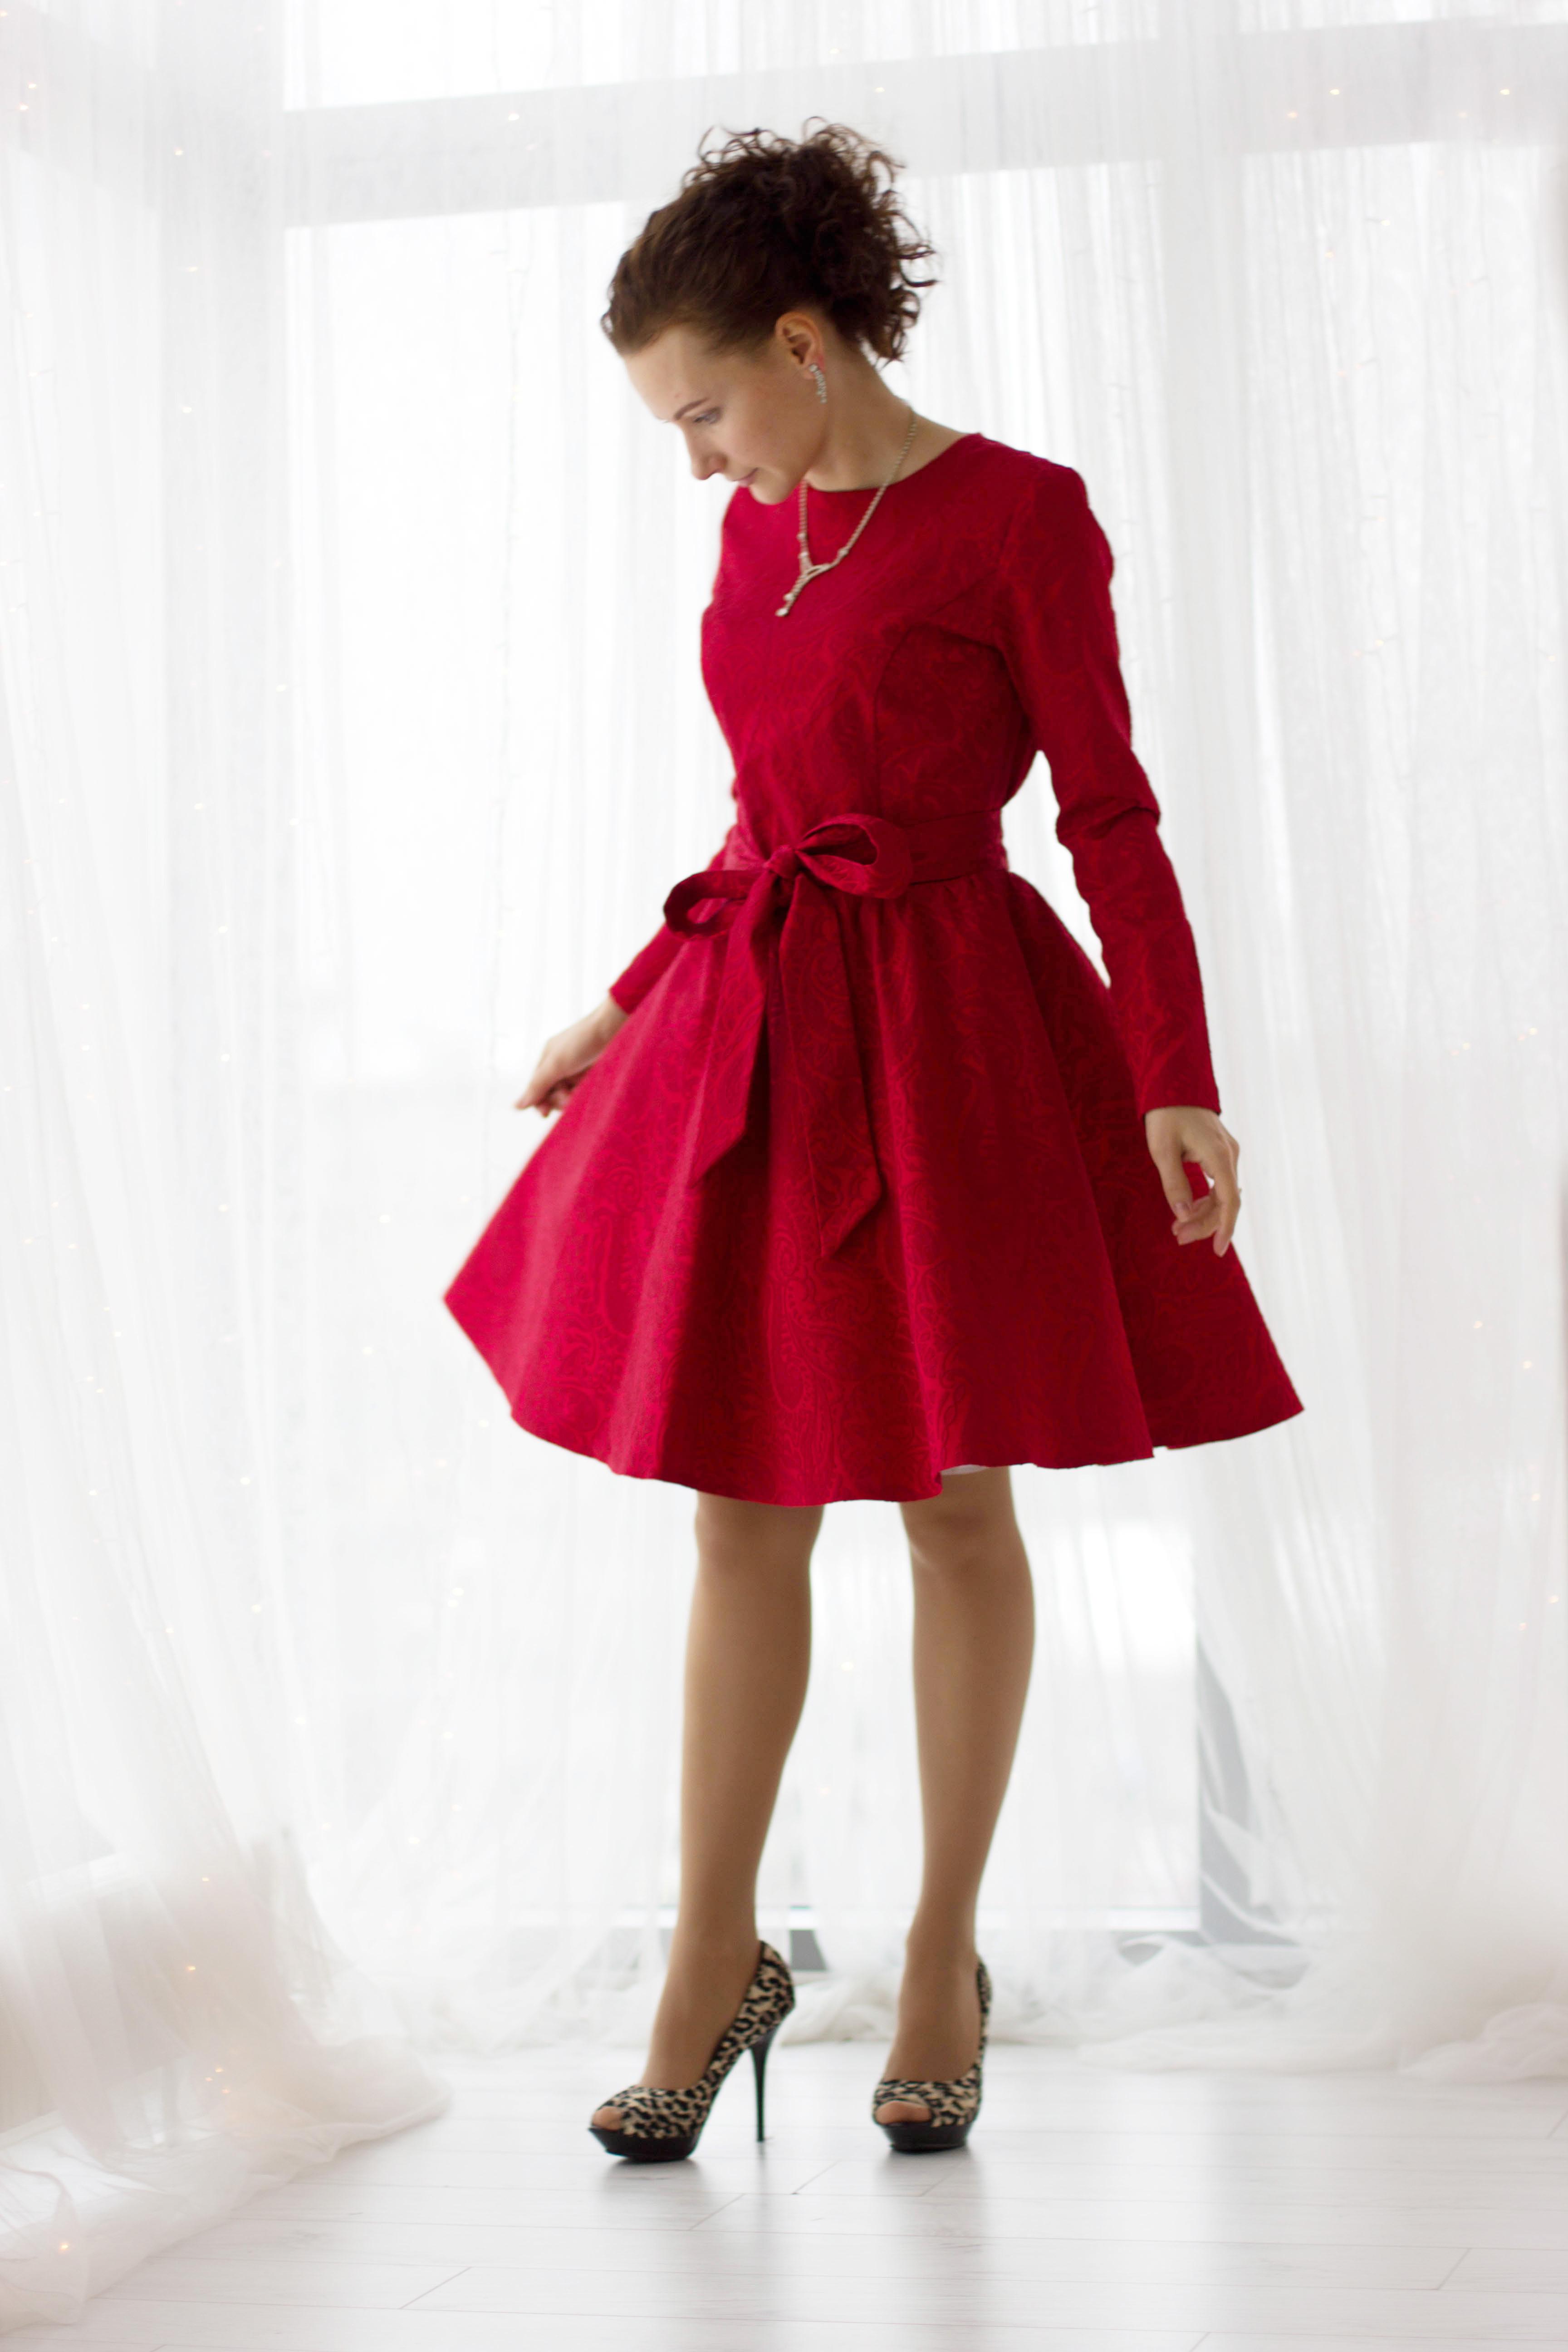 Сбор заказов. Платья от российского дизайнера Екатерины Кунгуровой, коллекция Family Look - платья, вызывающие восторг